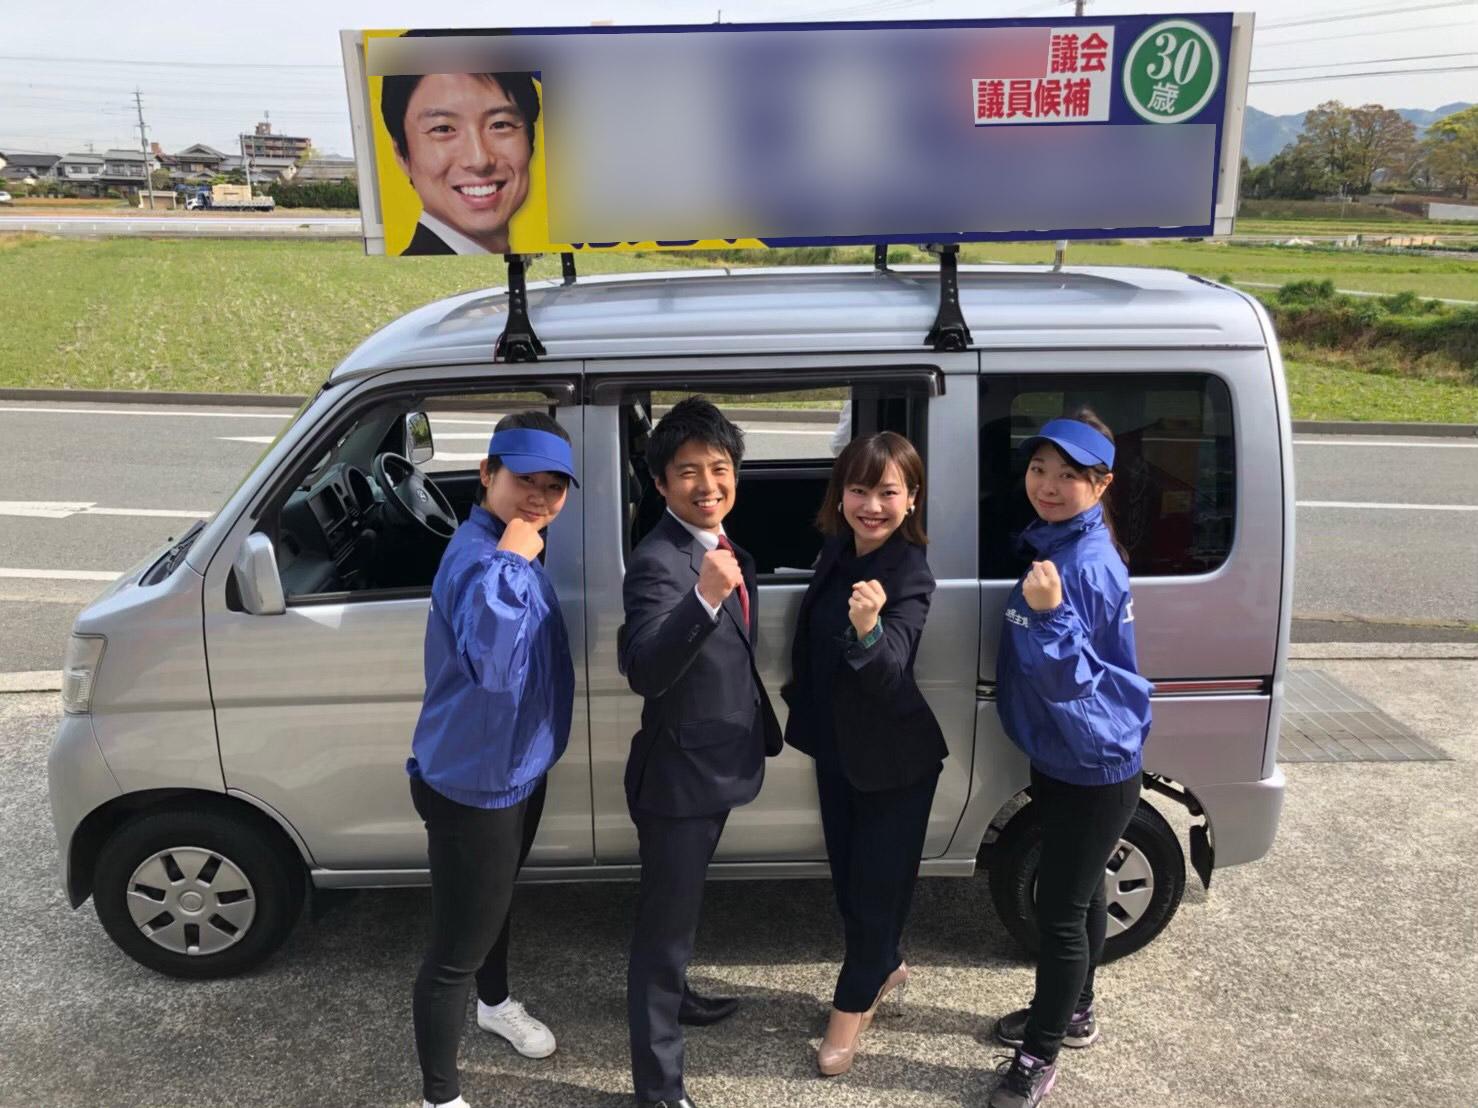 2019年地方議会議員選挙戦で選挙カーの前でガッツポーズする候補とウグイス